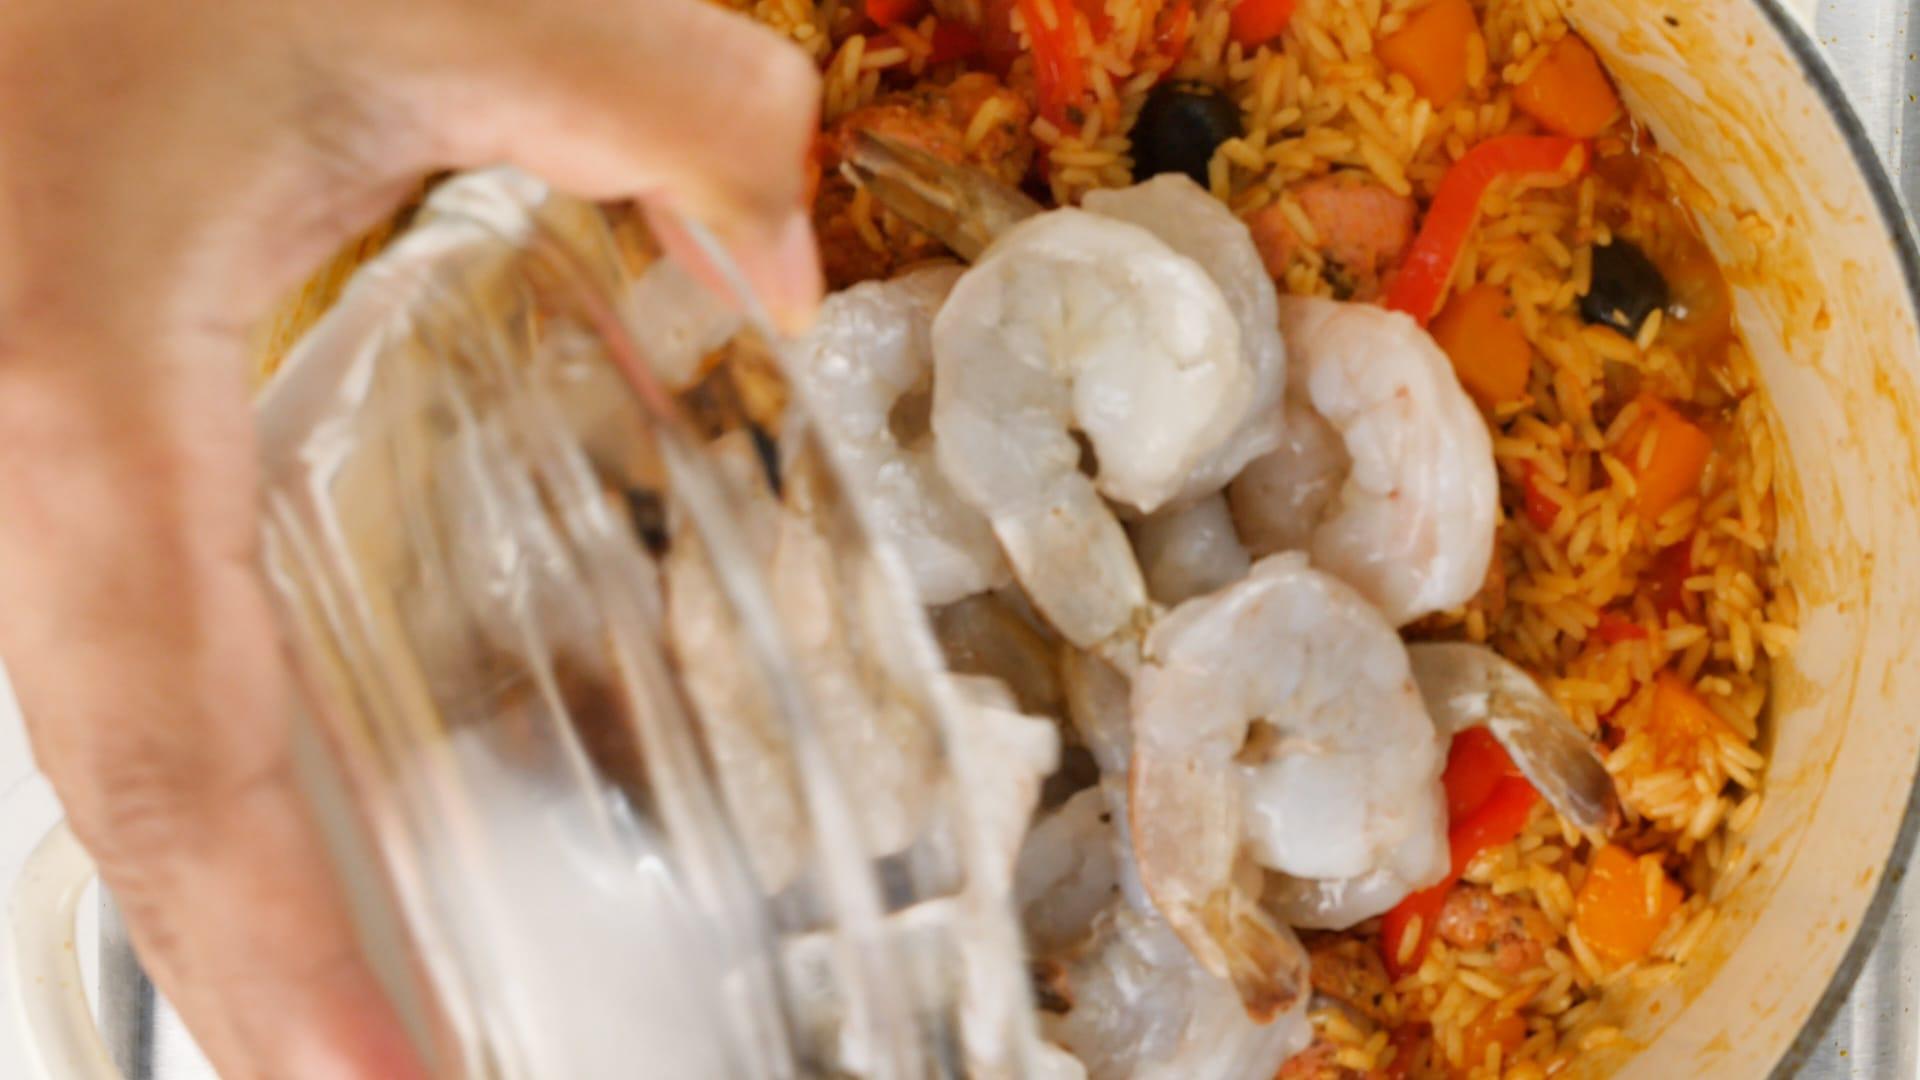 Adding shrimp